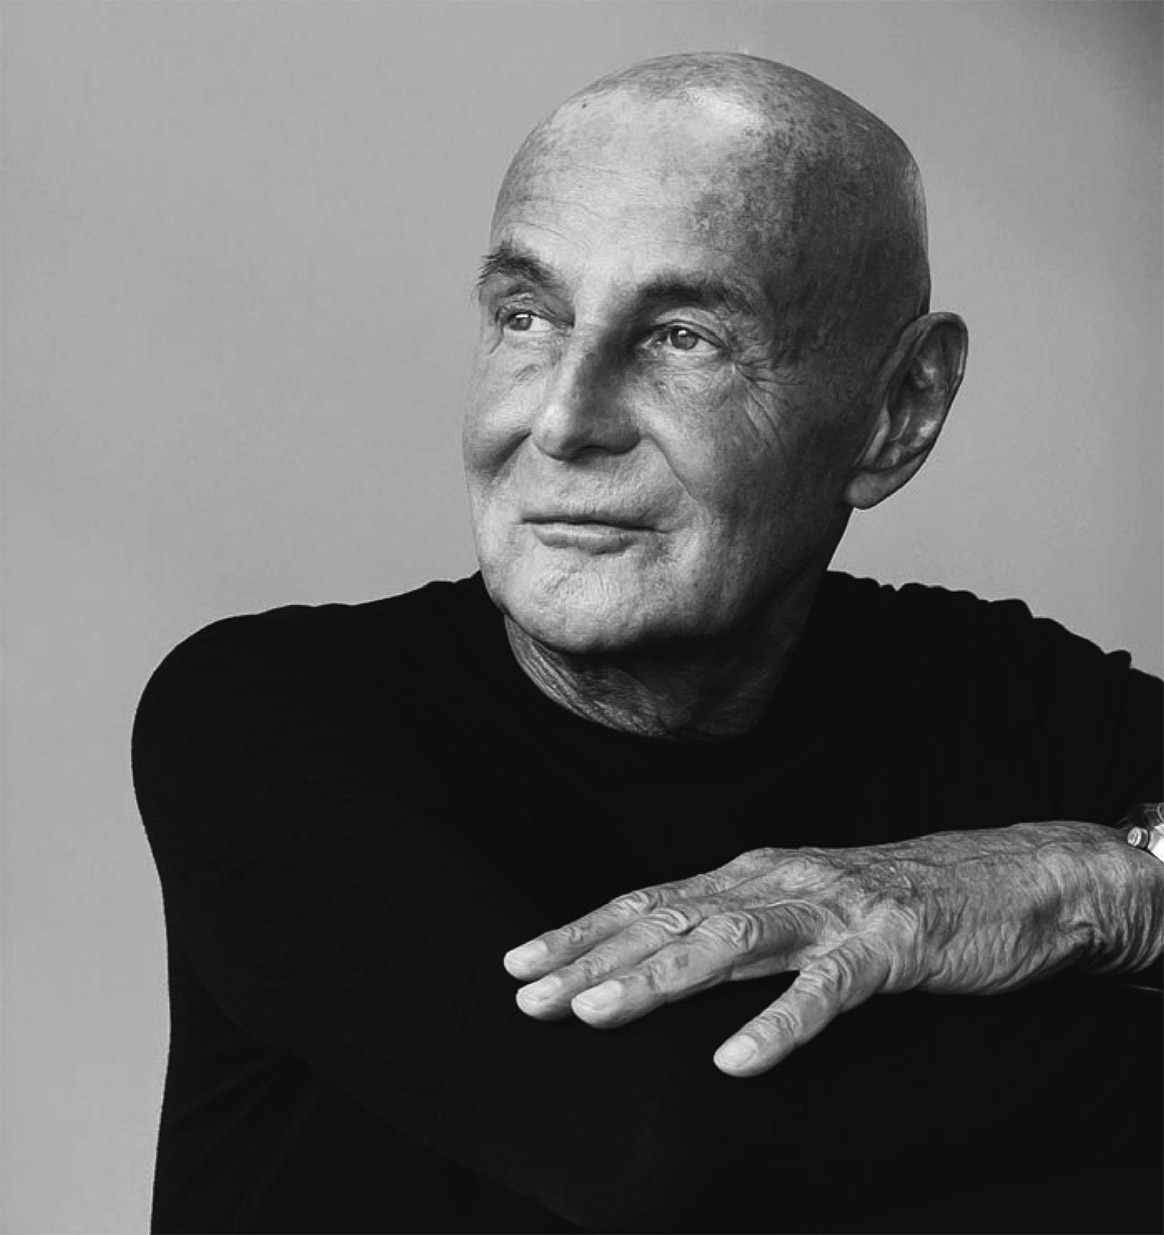 Porträt Peter Schmidt © Dominik Odenkirchen, 2017. Quelle: Rat für Formgebung